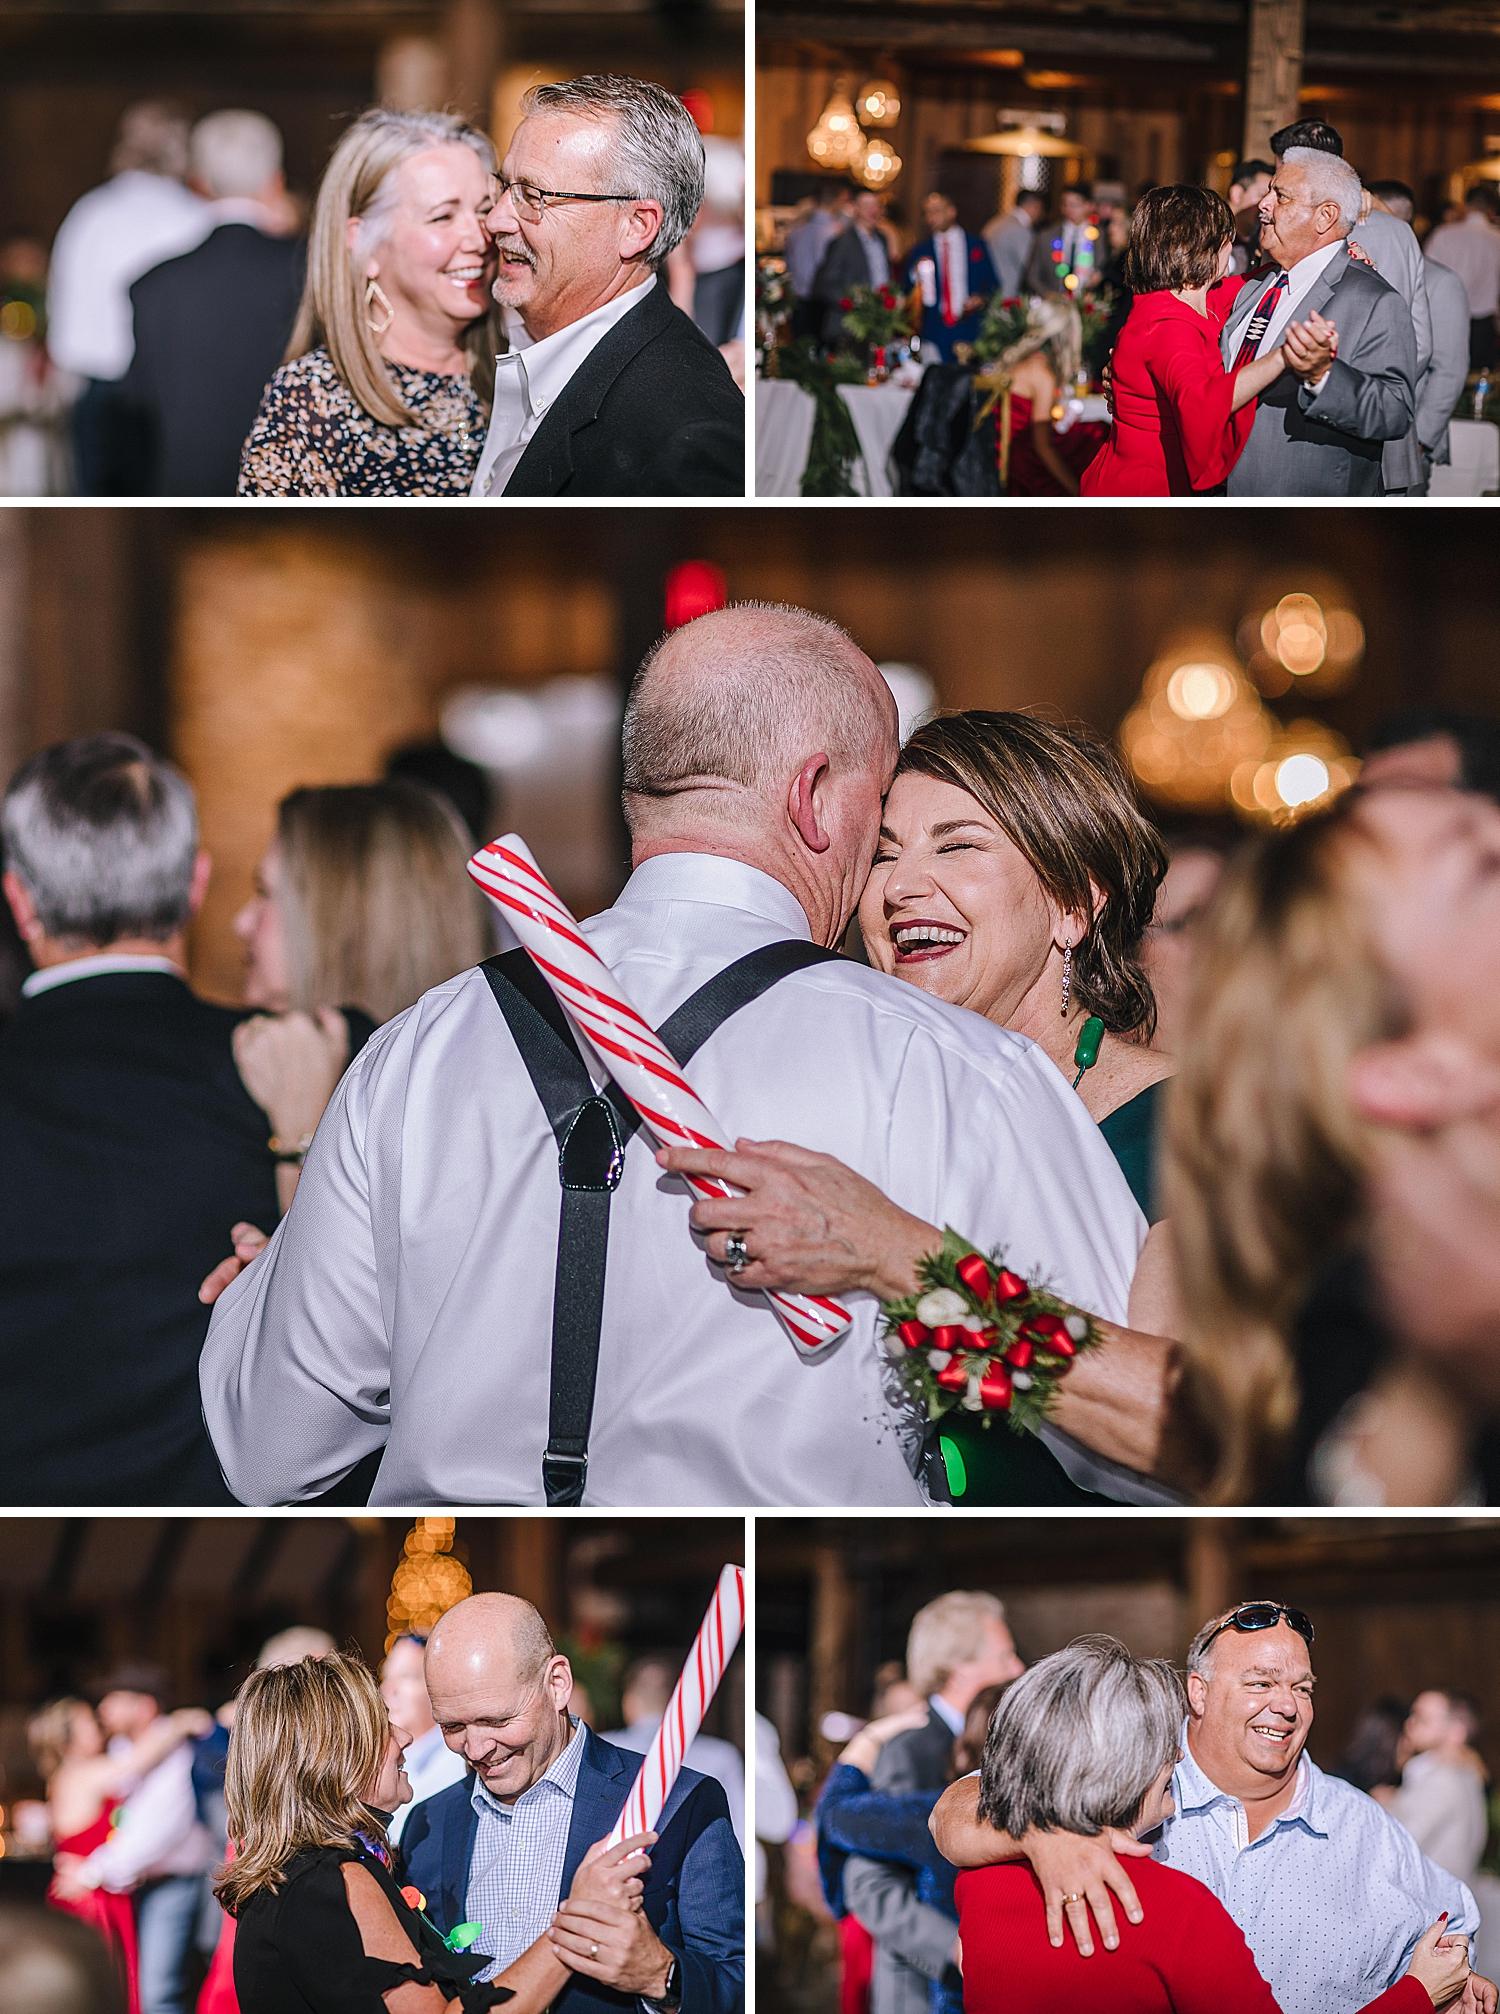 College-Station-Aggie-Wedding-The-Weinberg-at-Wixon-Valley-Christmas-Hallmark-Wedding_0102.jpg